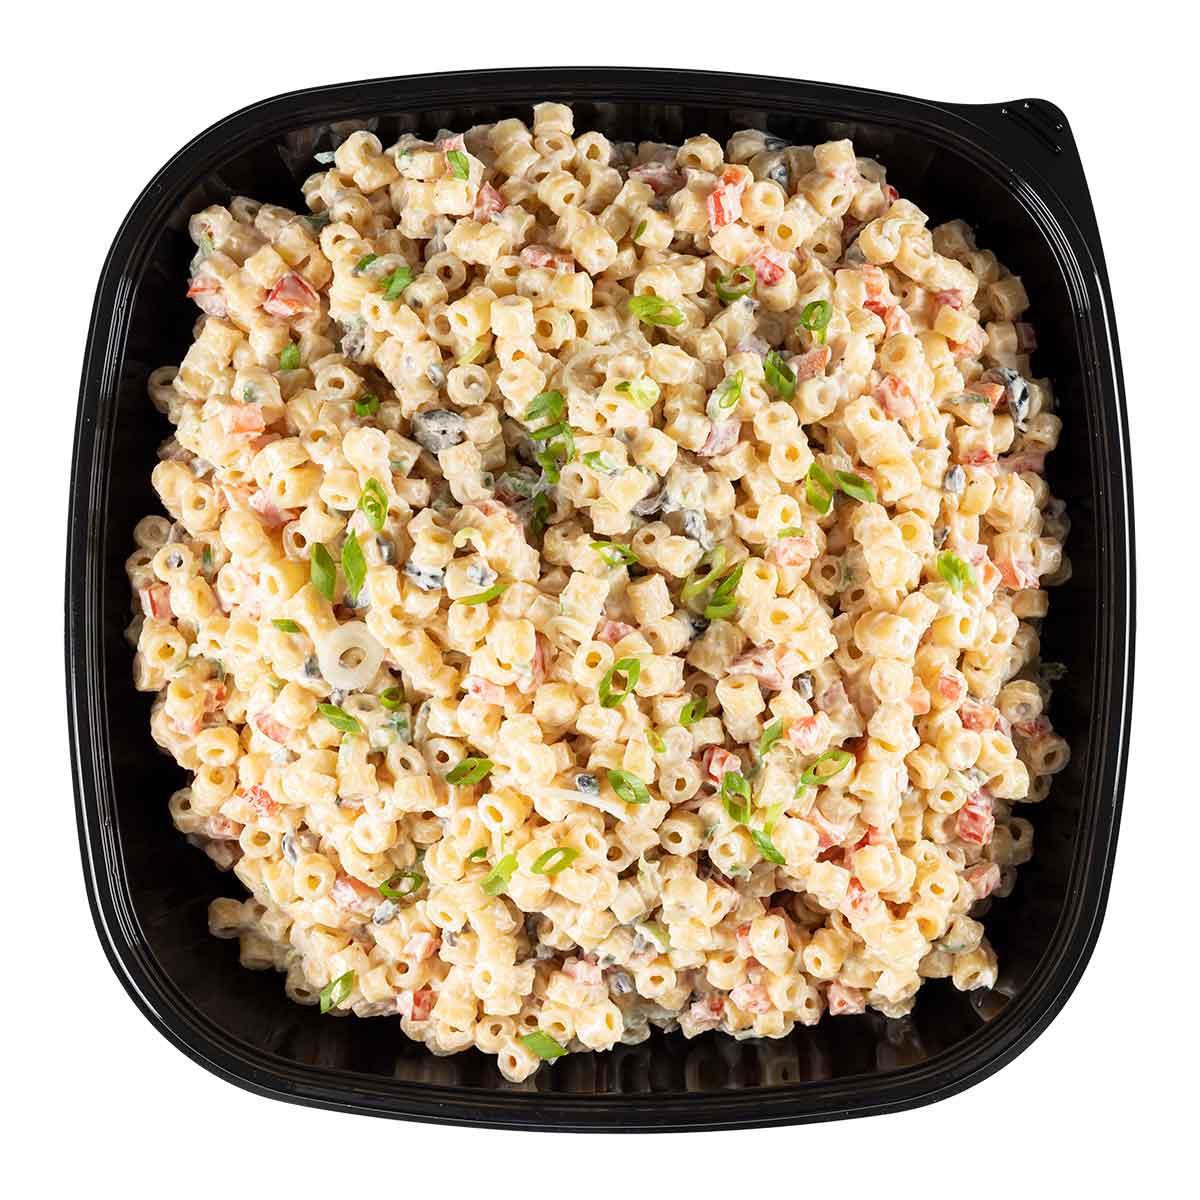 The Mac Macaroni Salad